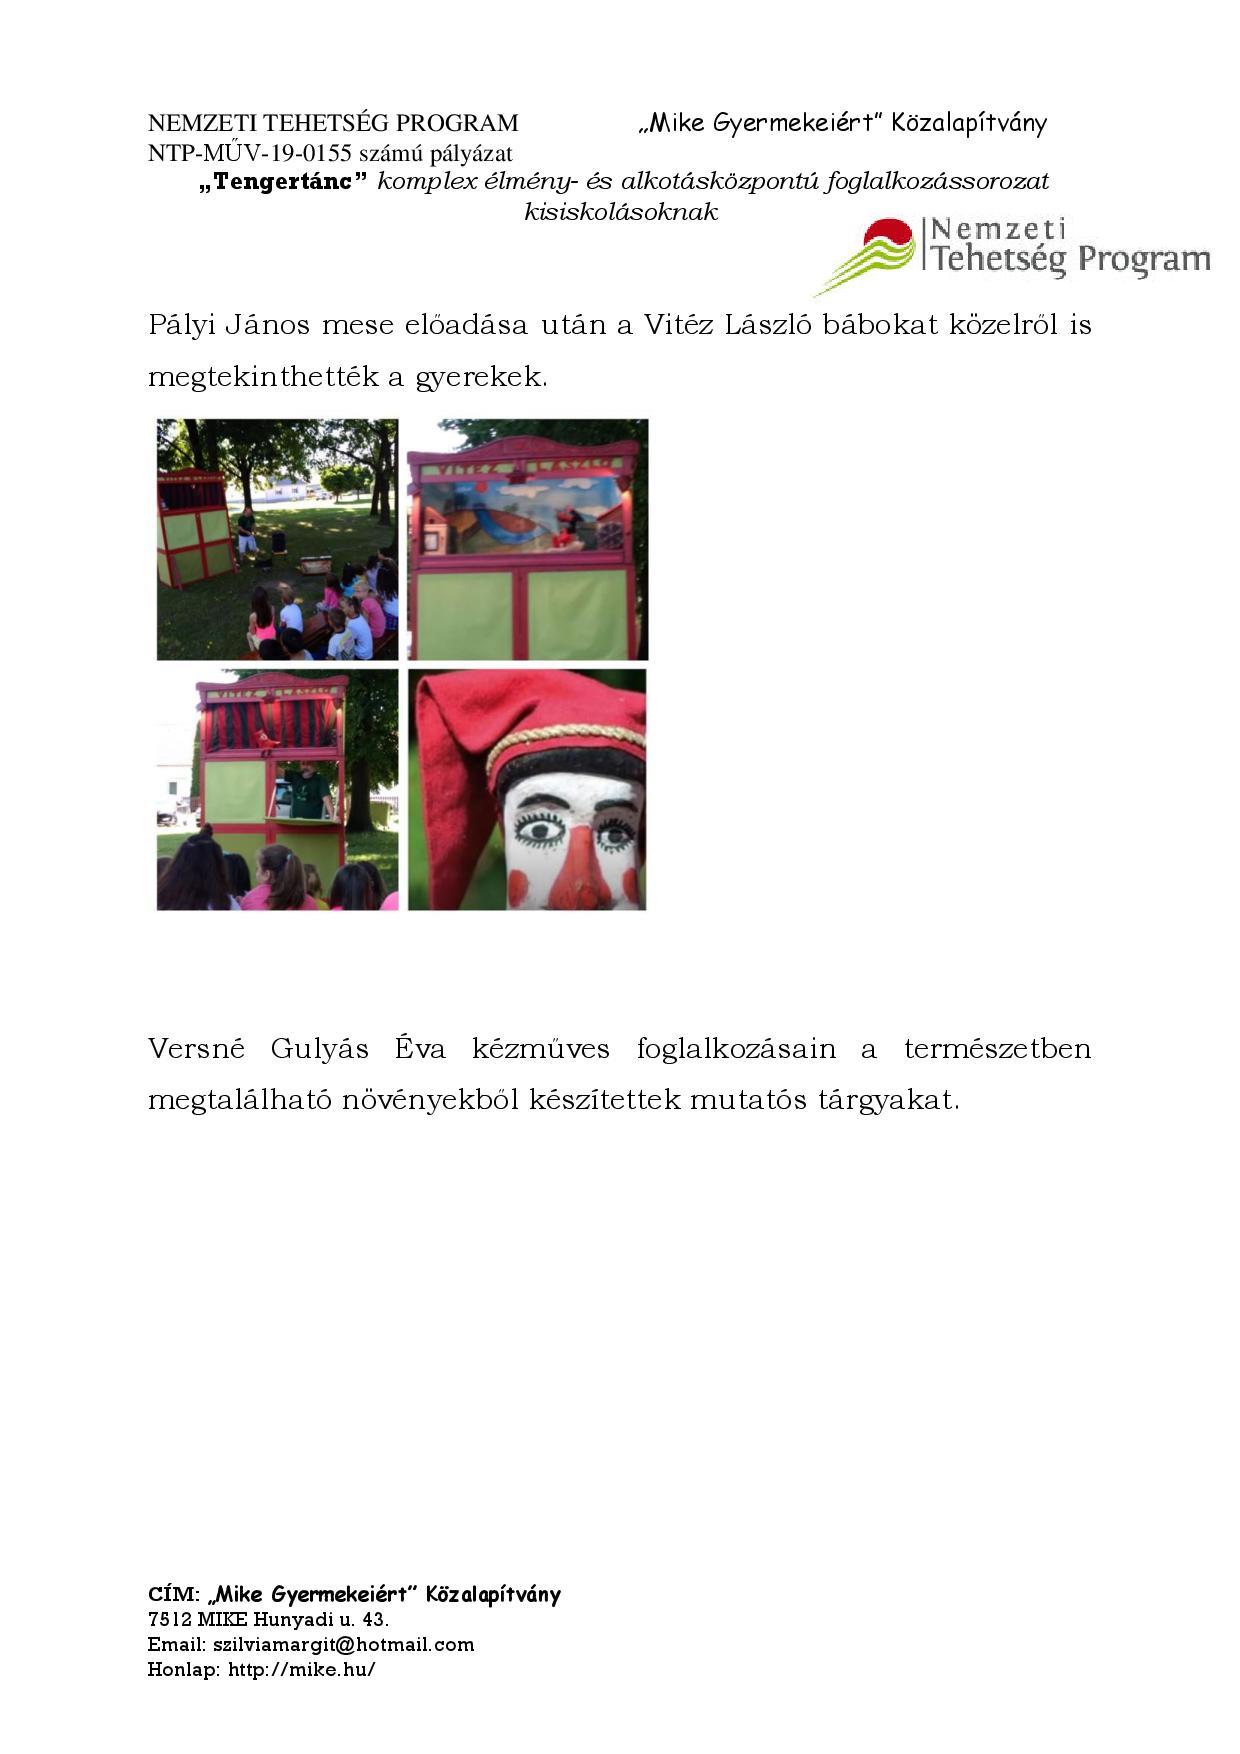 NTP-MŰV-19-0155 program ismertető